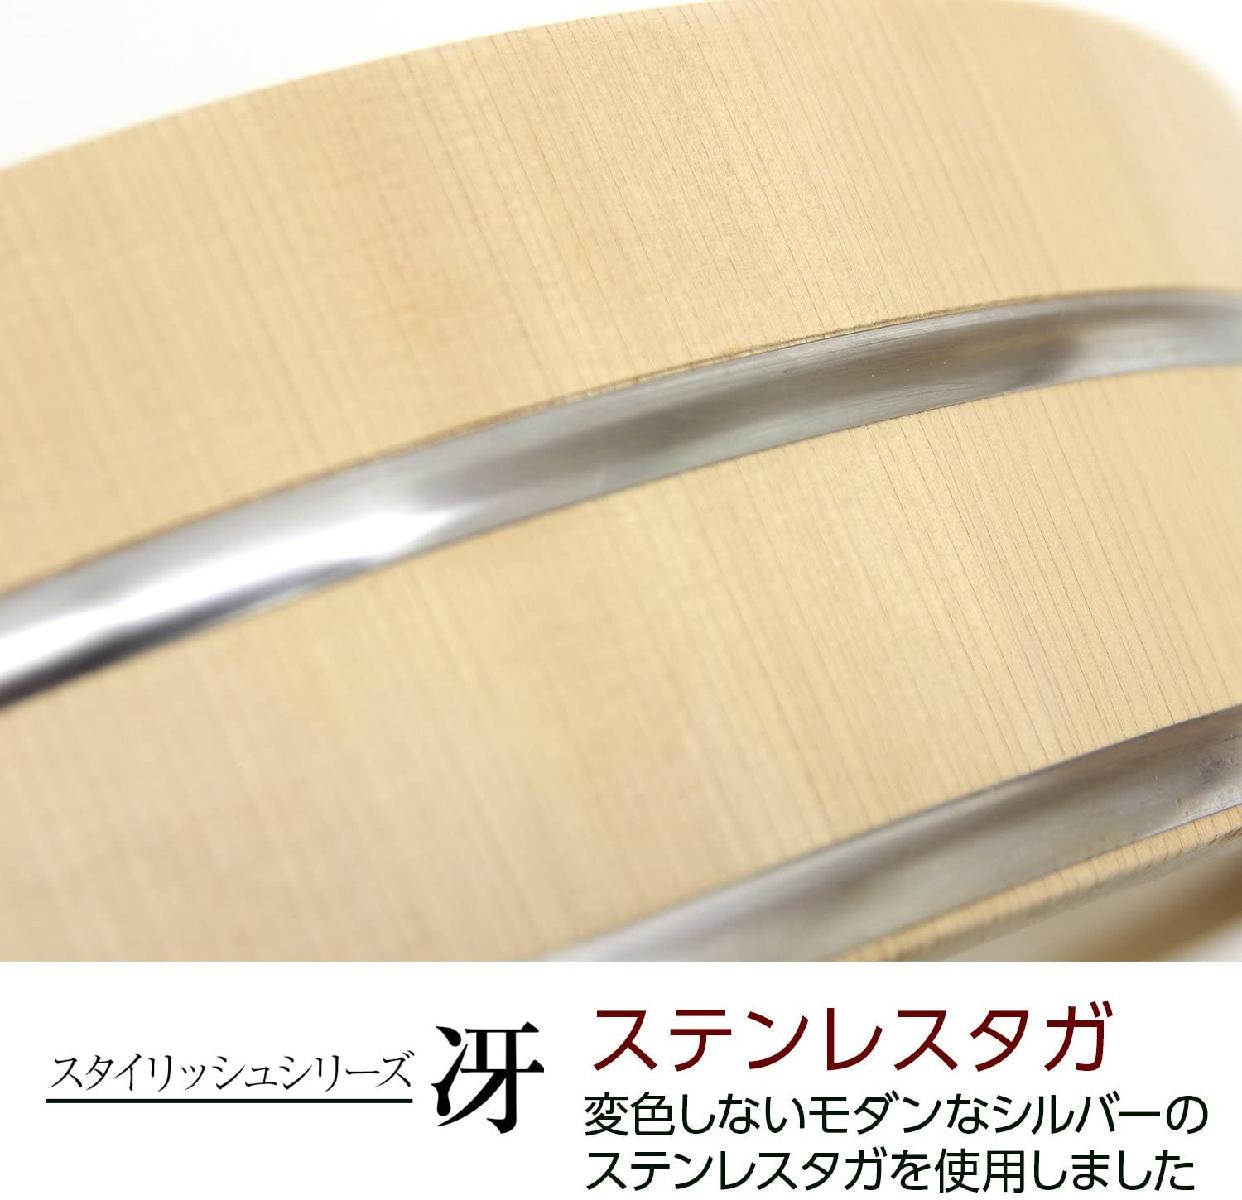 スタイリッシュシリーズ冴 寿司飯台 30cm•3合用の商品画像4